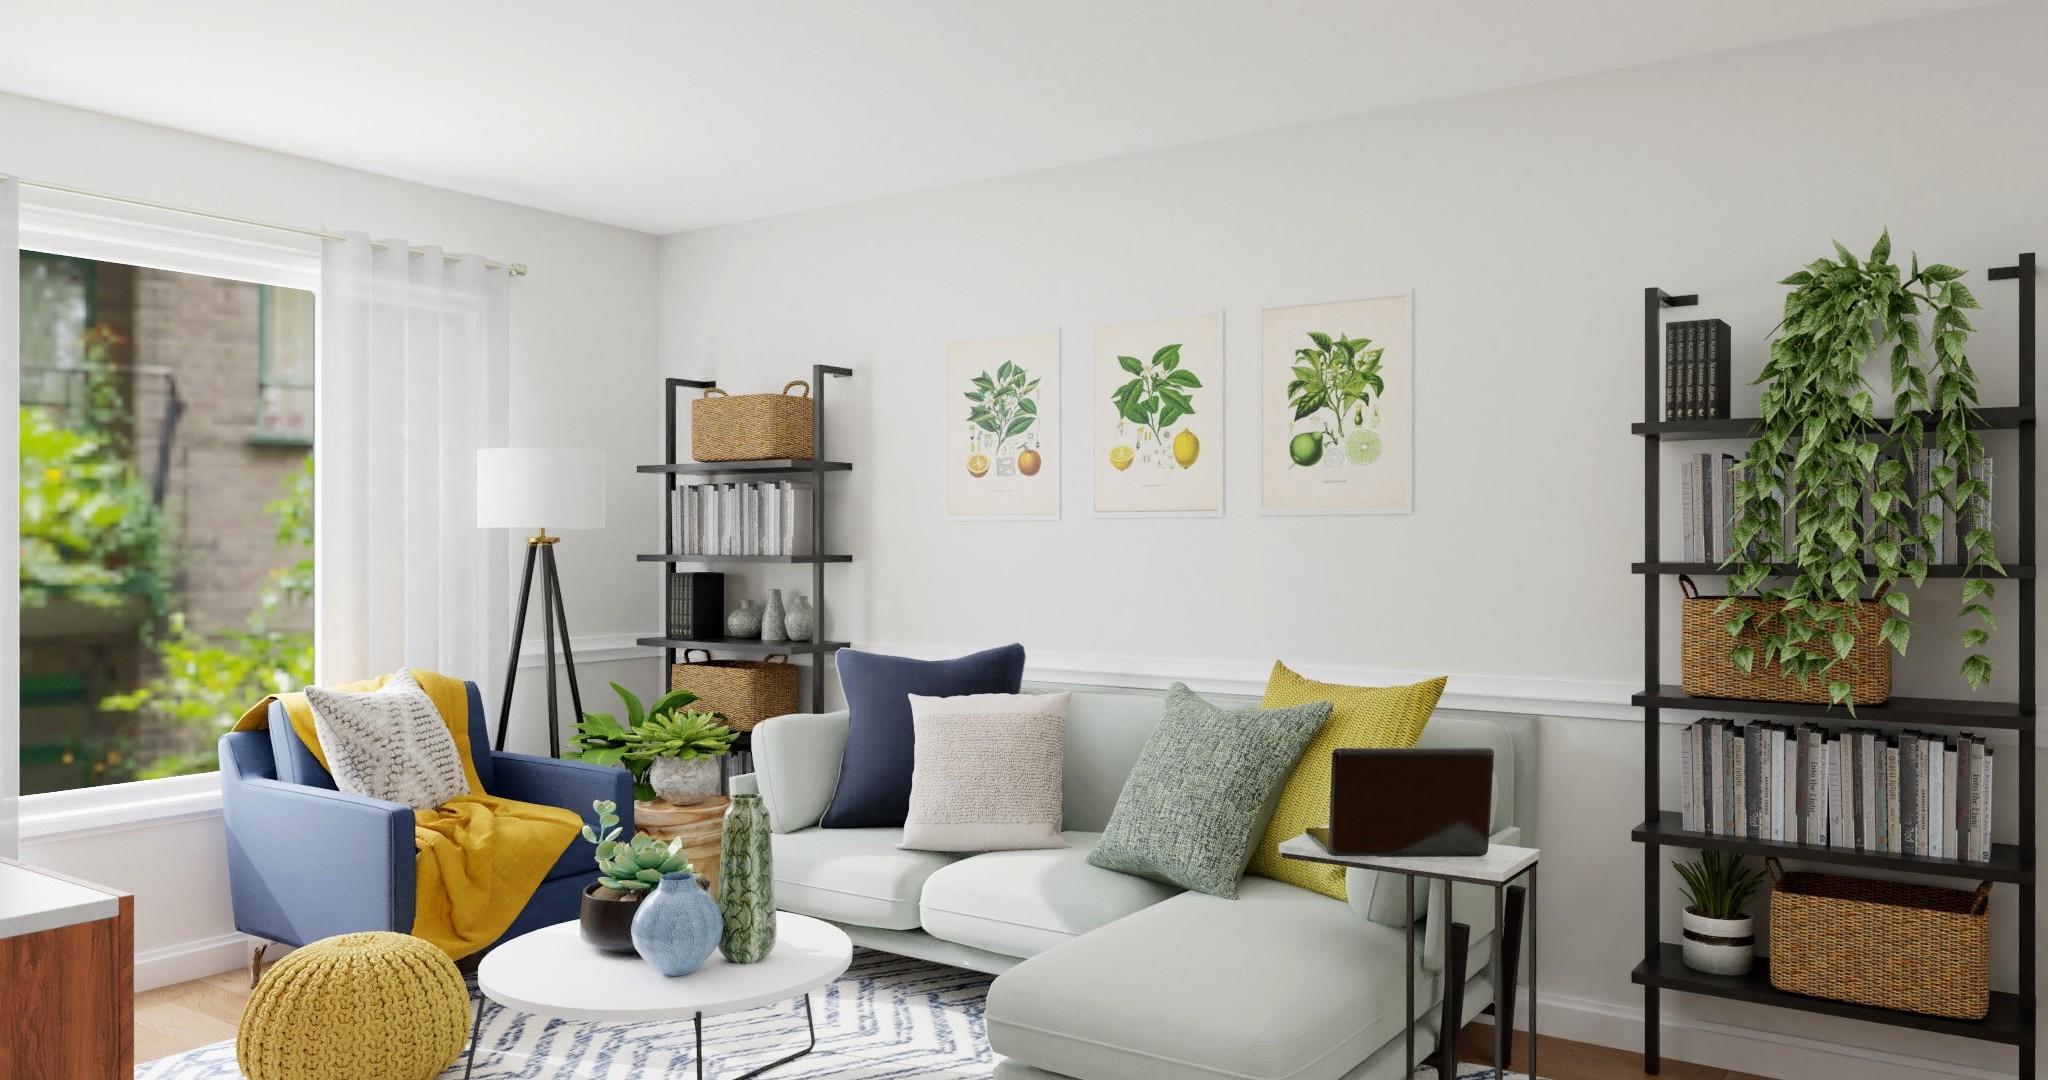 Décorer votre salon avec des plantes d'intérieur